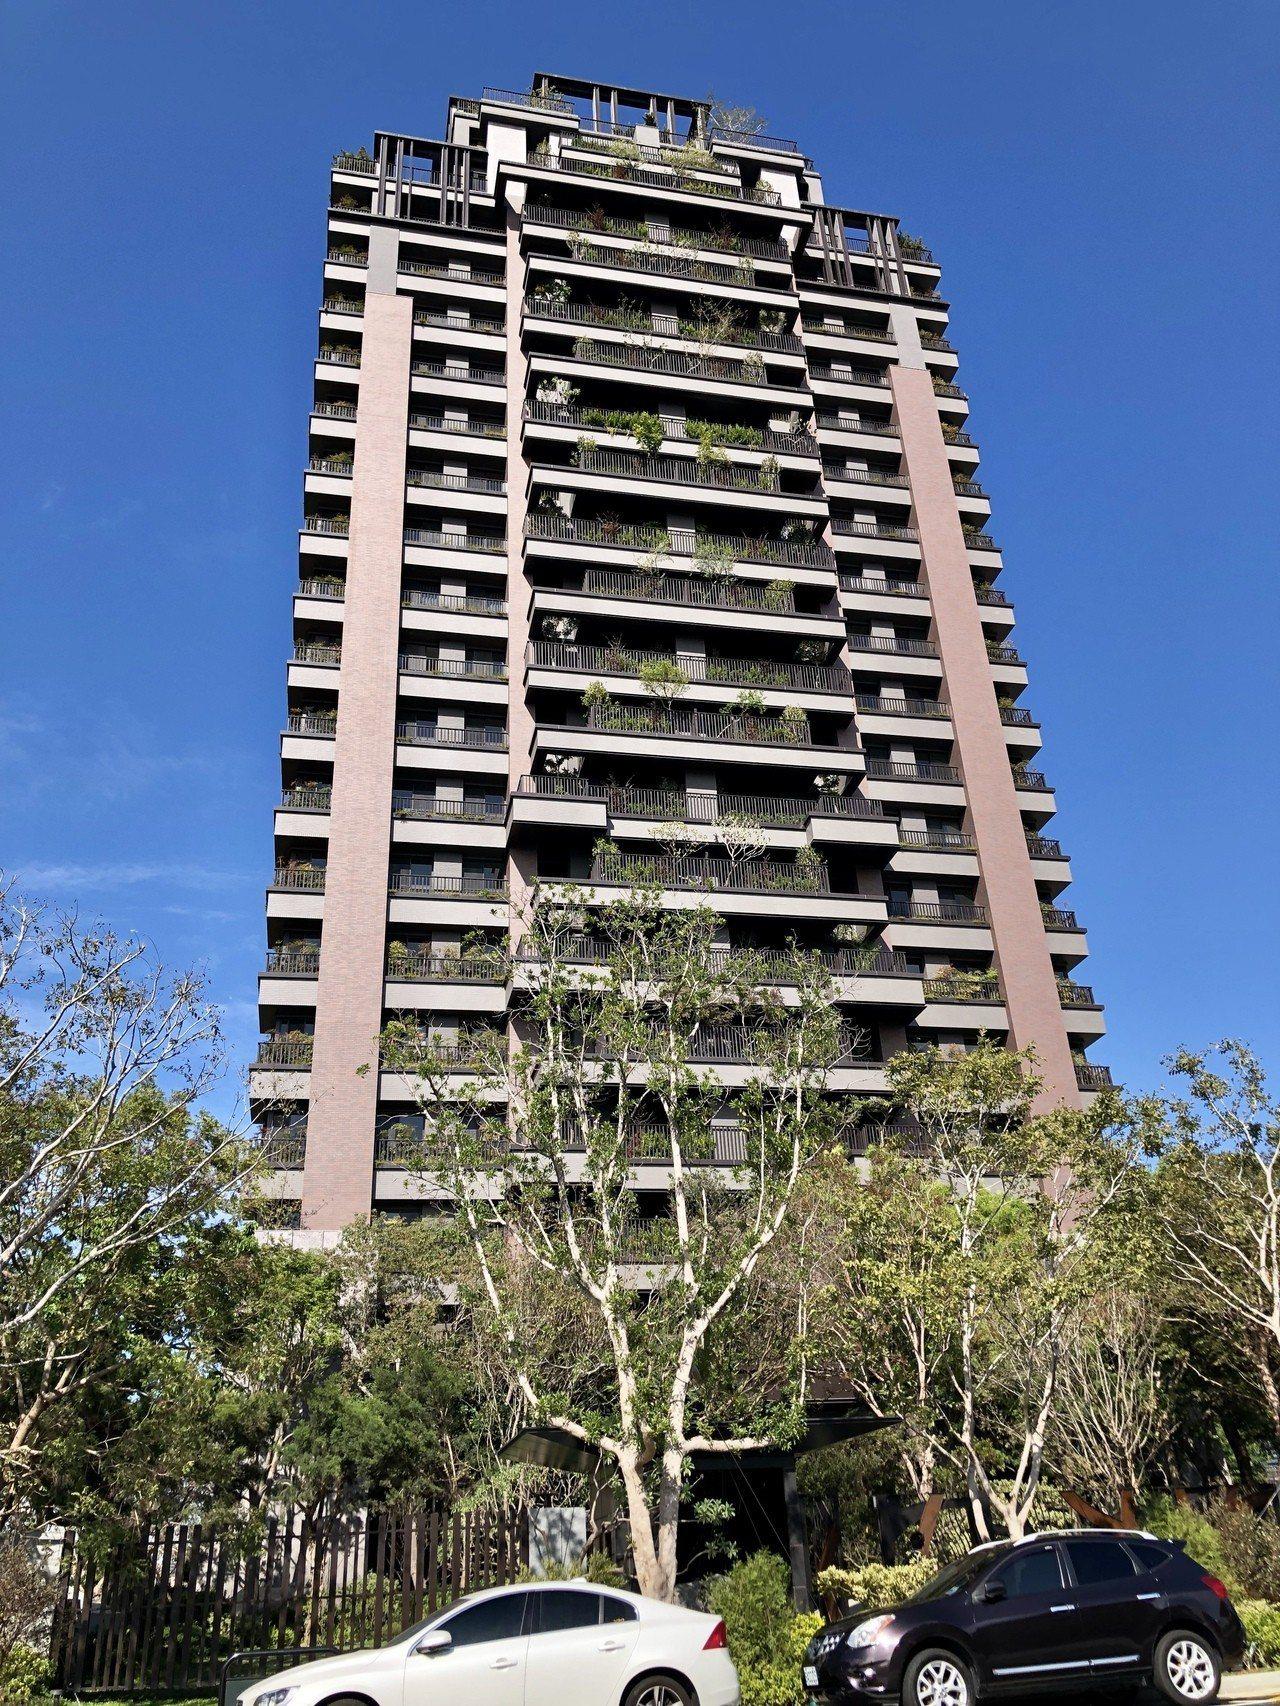 台中十大豪宅社區分布區段,除了七期新市政中心與國美館特區之外,單元二新完工個案陸...